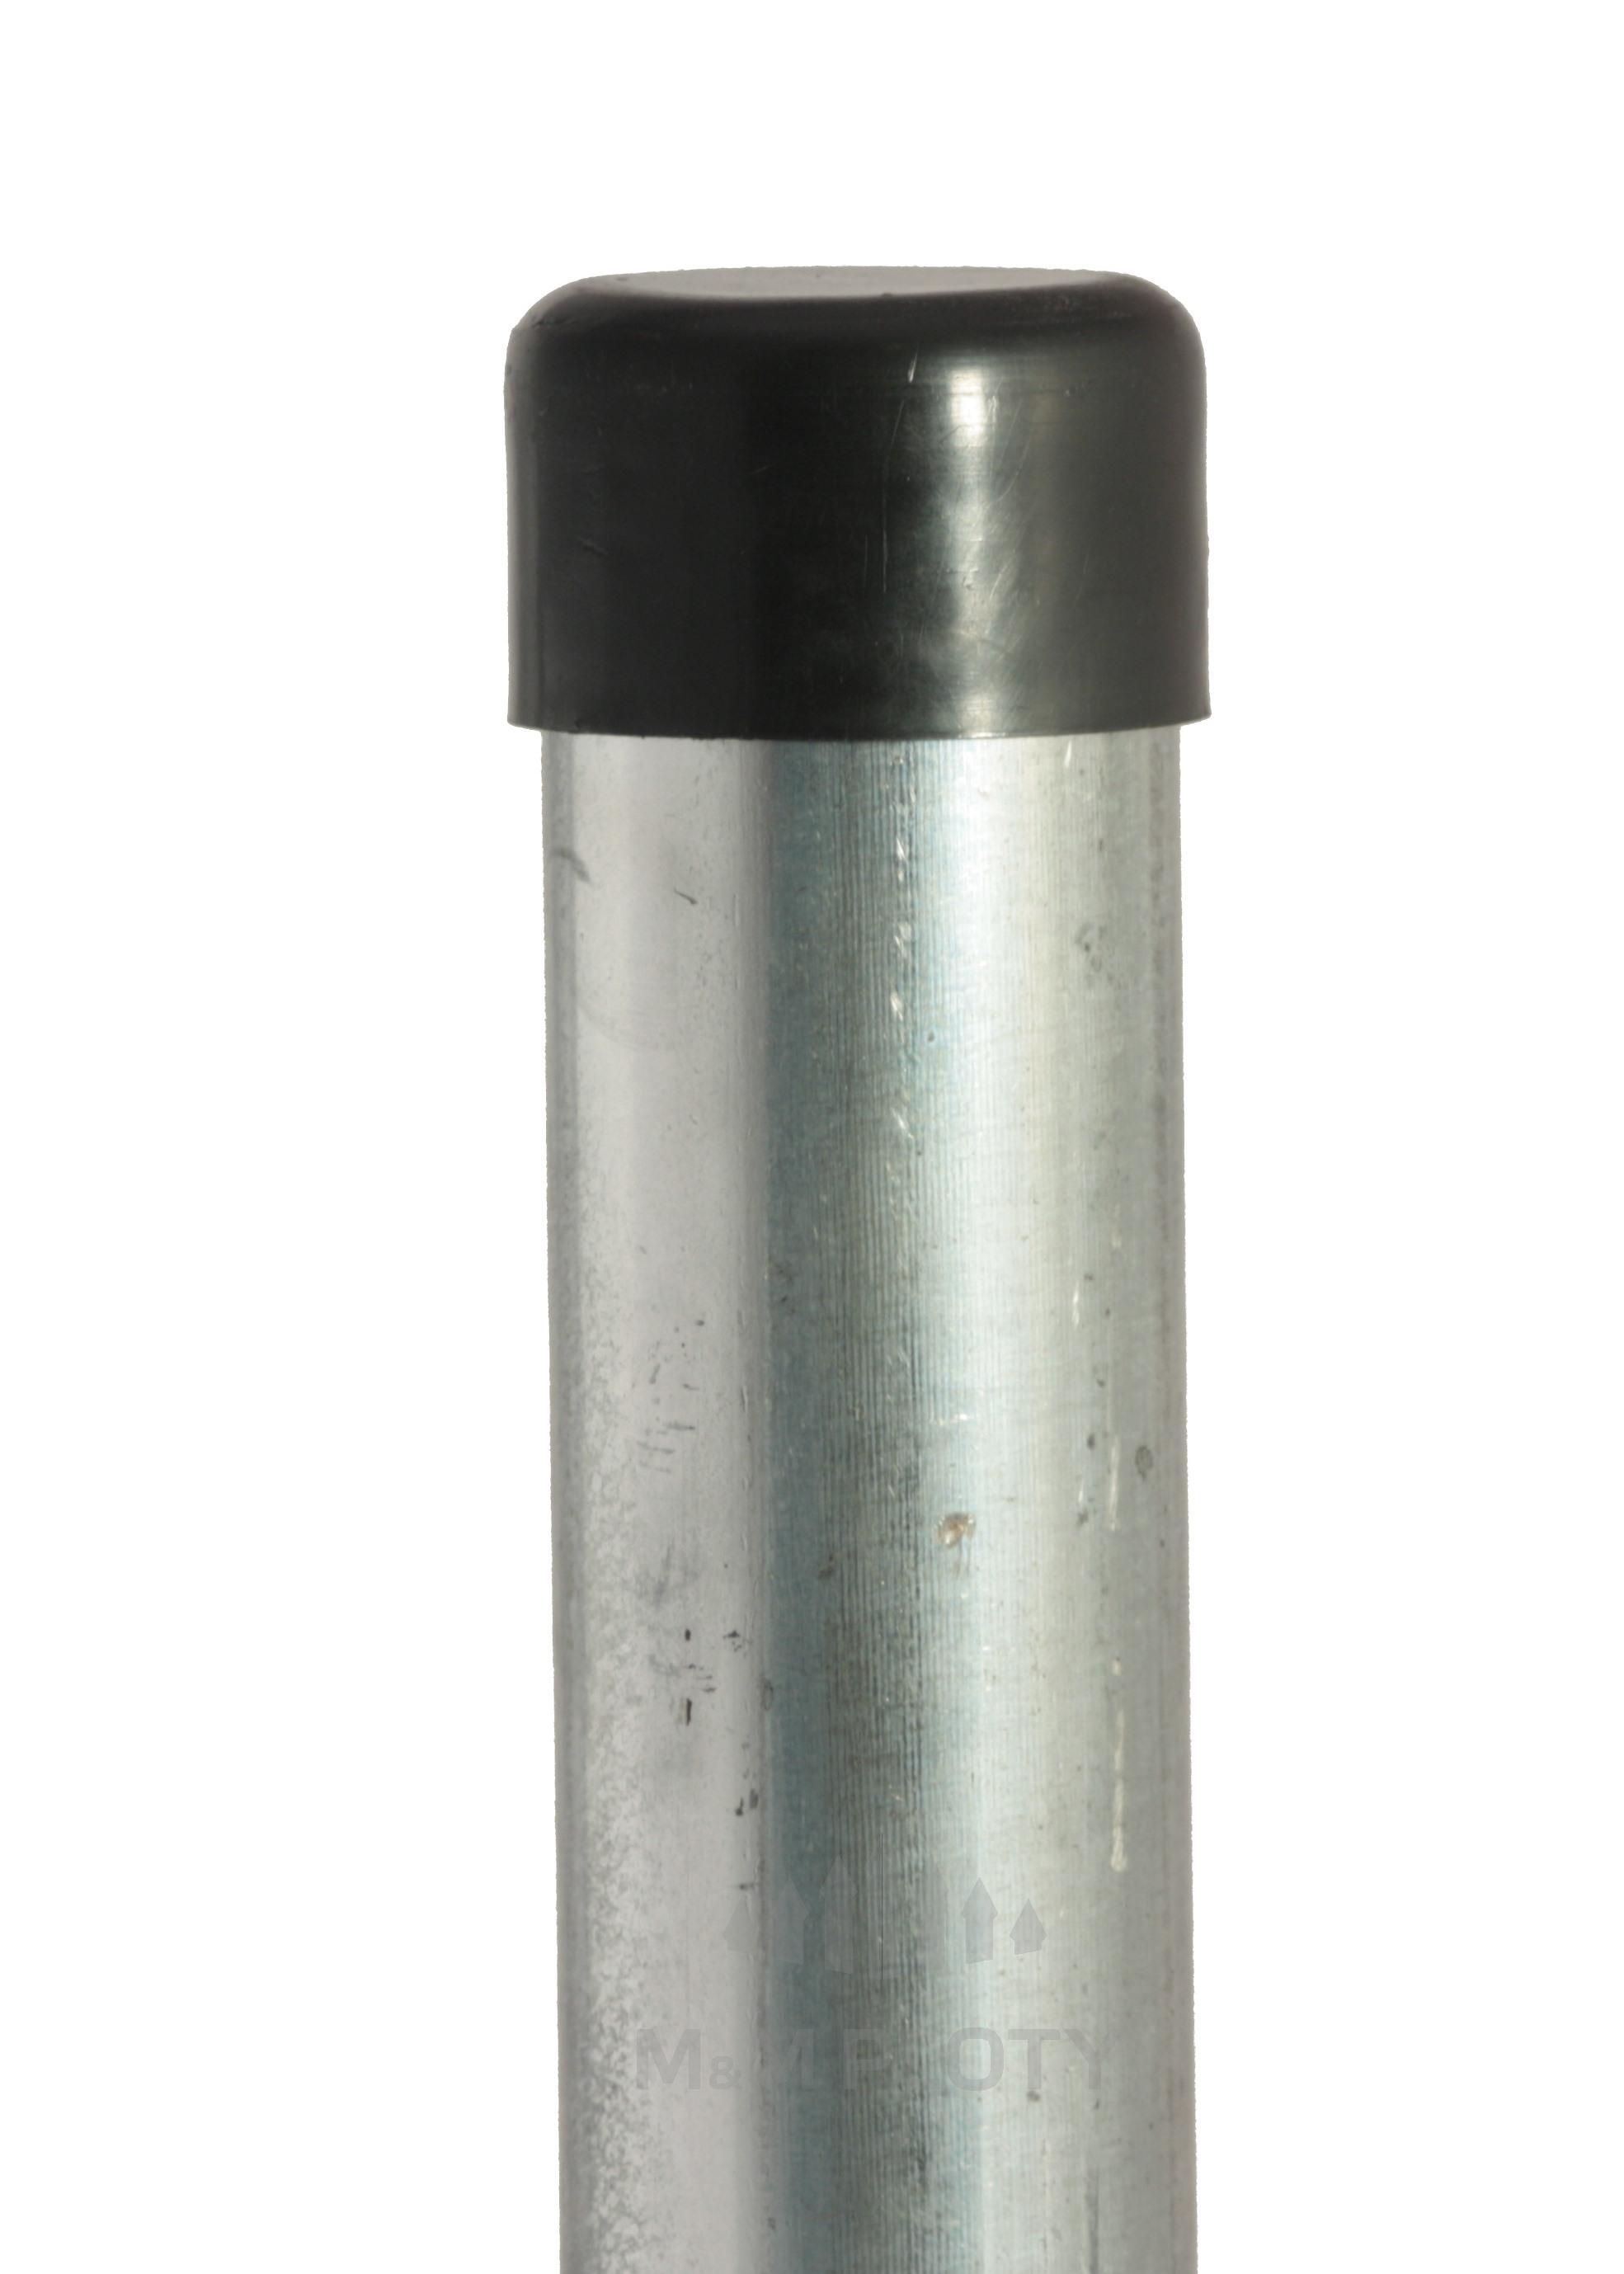 Plotový sloupek pozinkovaný, průměr 38 mm, výška 175 cm, Zn